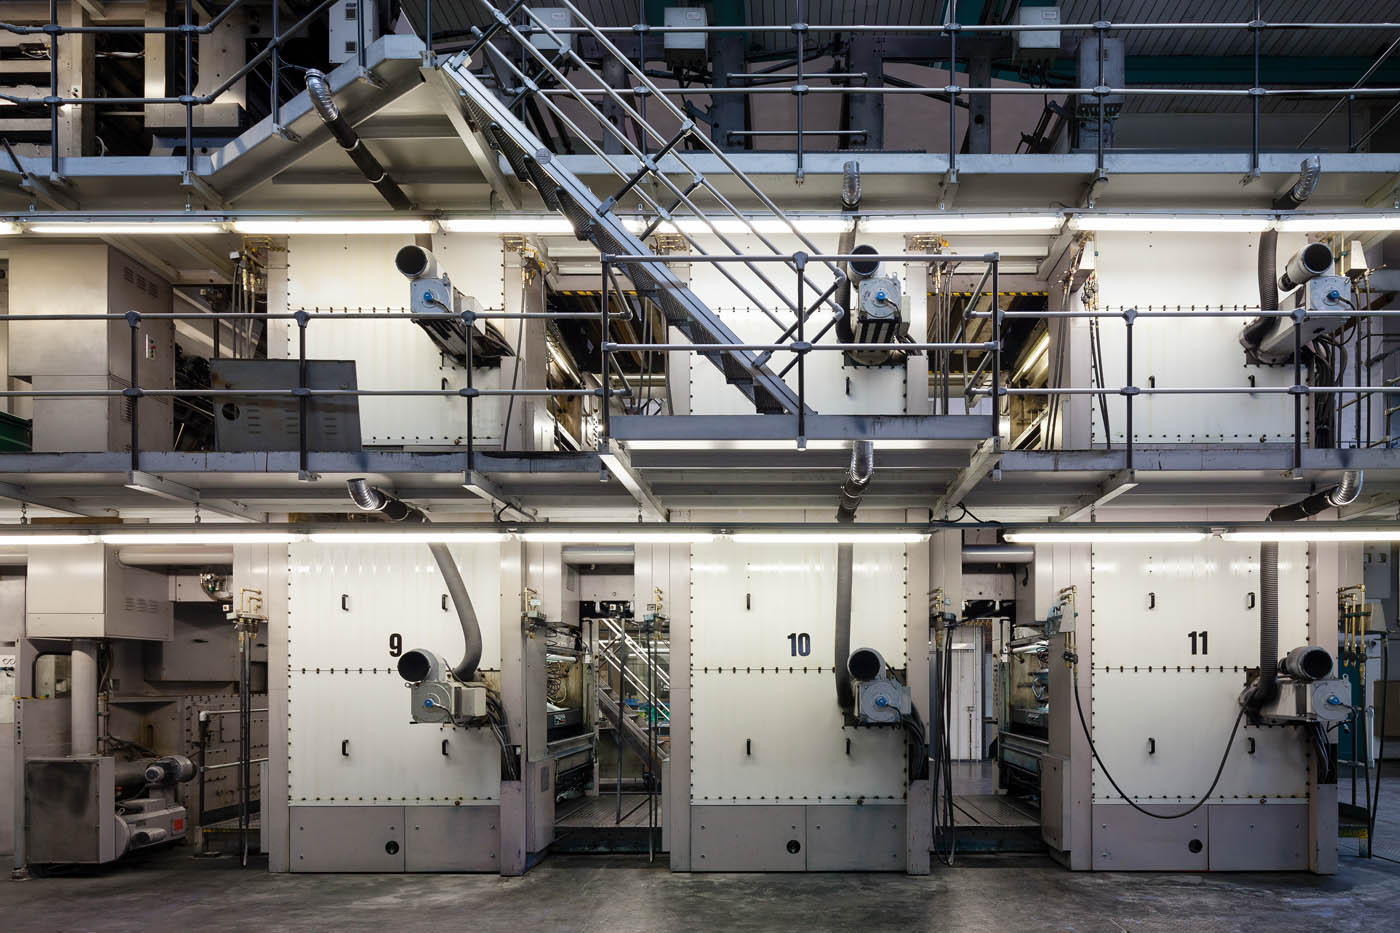 Druckindustrie Druckerei corporate photography Industriefotografie Unternehmensdarstellung